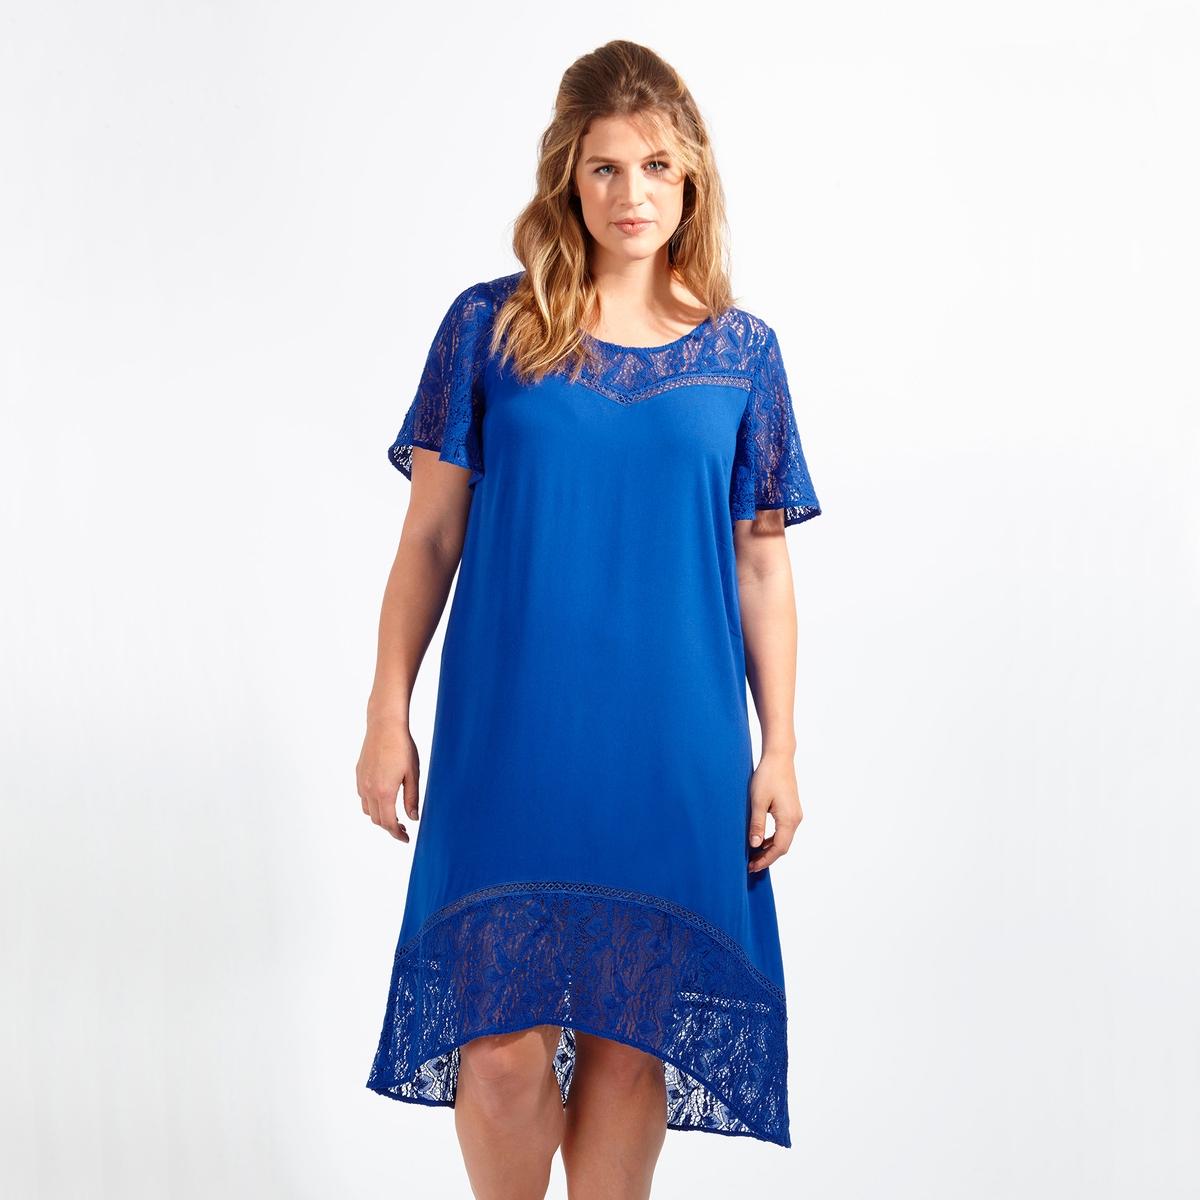 ПлатьеПлатье с короткими рукавами LOVEDROBE. 100% полиэстер. Симпатичное кружево в верхней части платья, на коротких рукавах и снизу<br><br>Цвет: синий<br>Размер: 58/60 (FR) - 64/66 (RUS).54/56 (FR) - 60/62 (RUS).50/52 (FR) - 56/58 (RUS).48 (FR) - 54 (RUS)